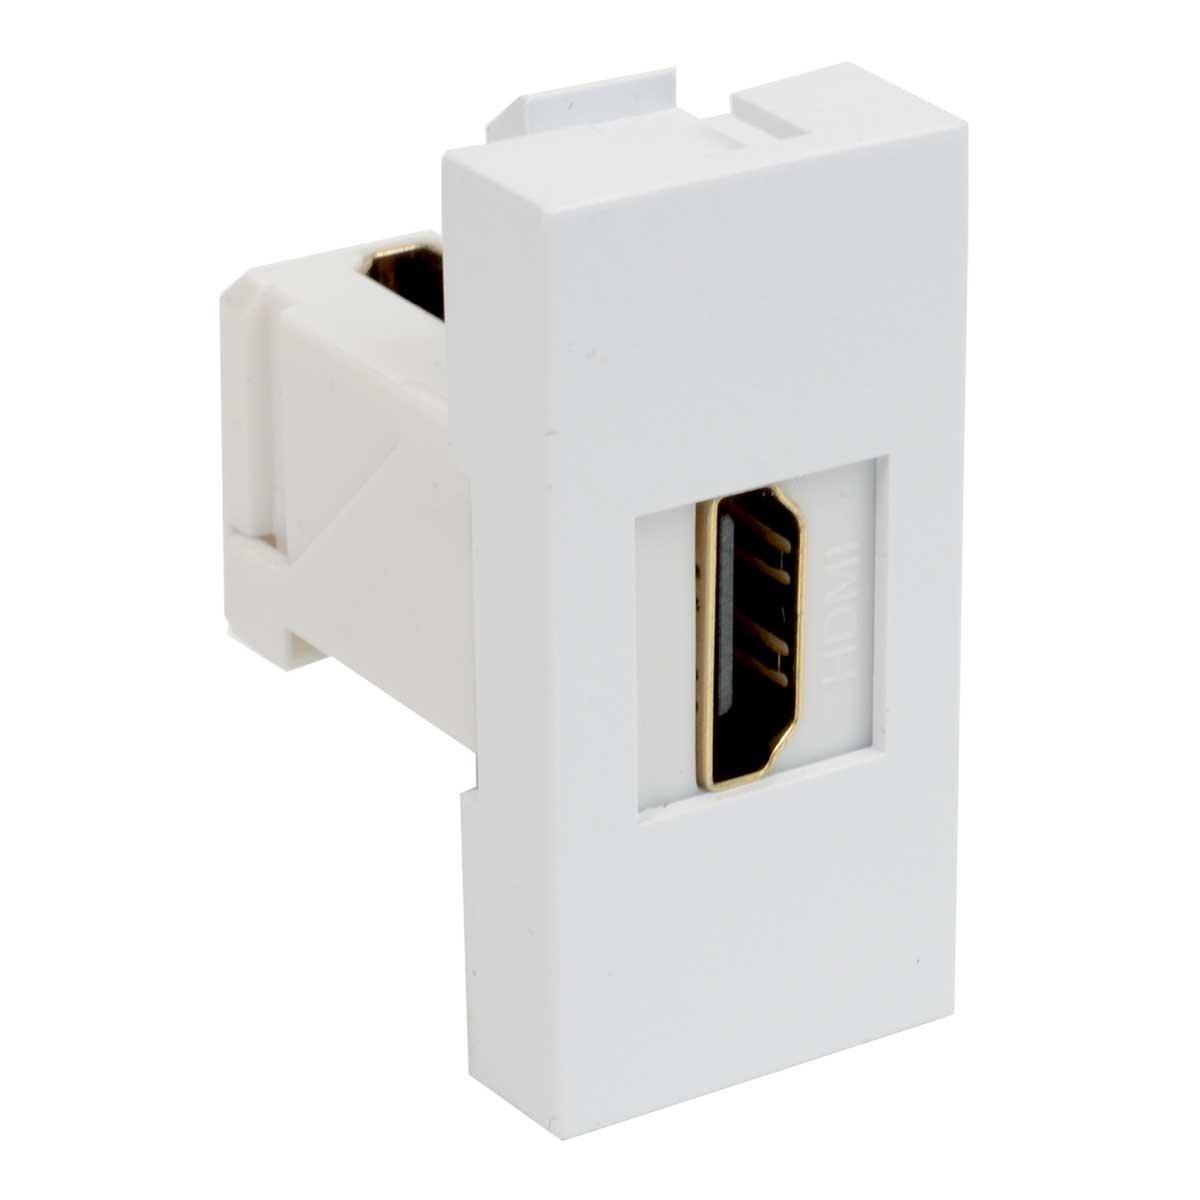 Модульний адаптер з мультимедійним роз'ємом HDMI; Серія Quadro ;